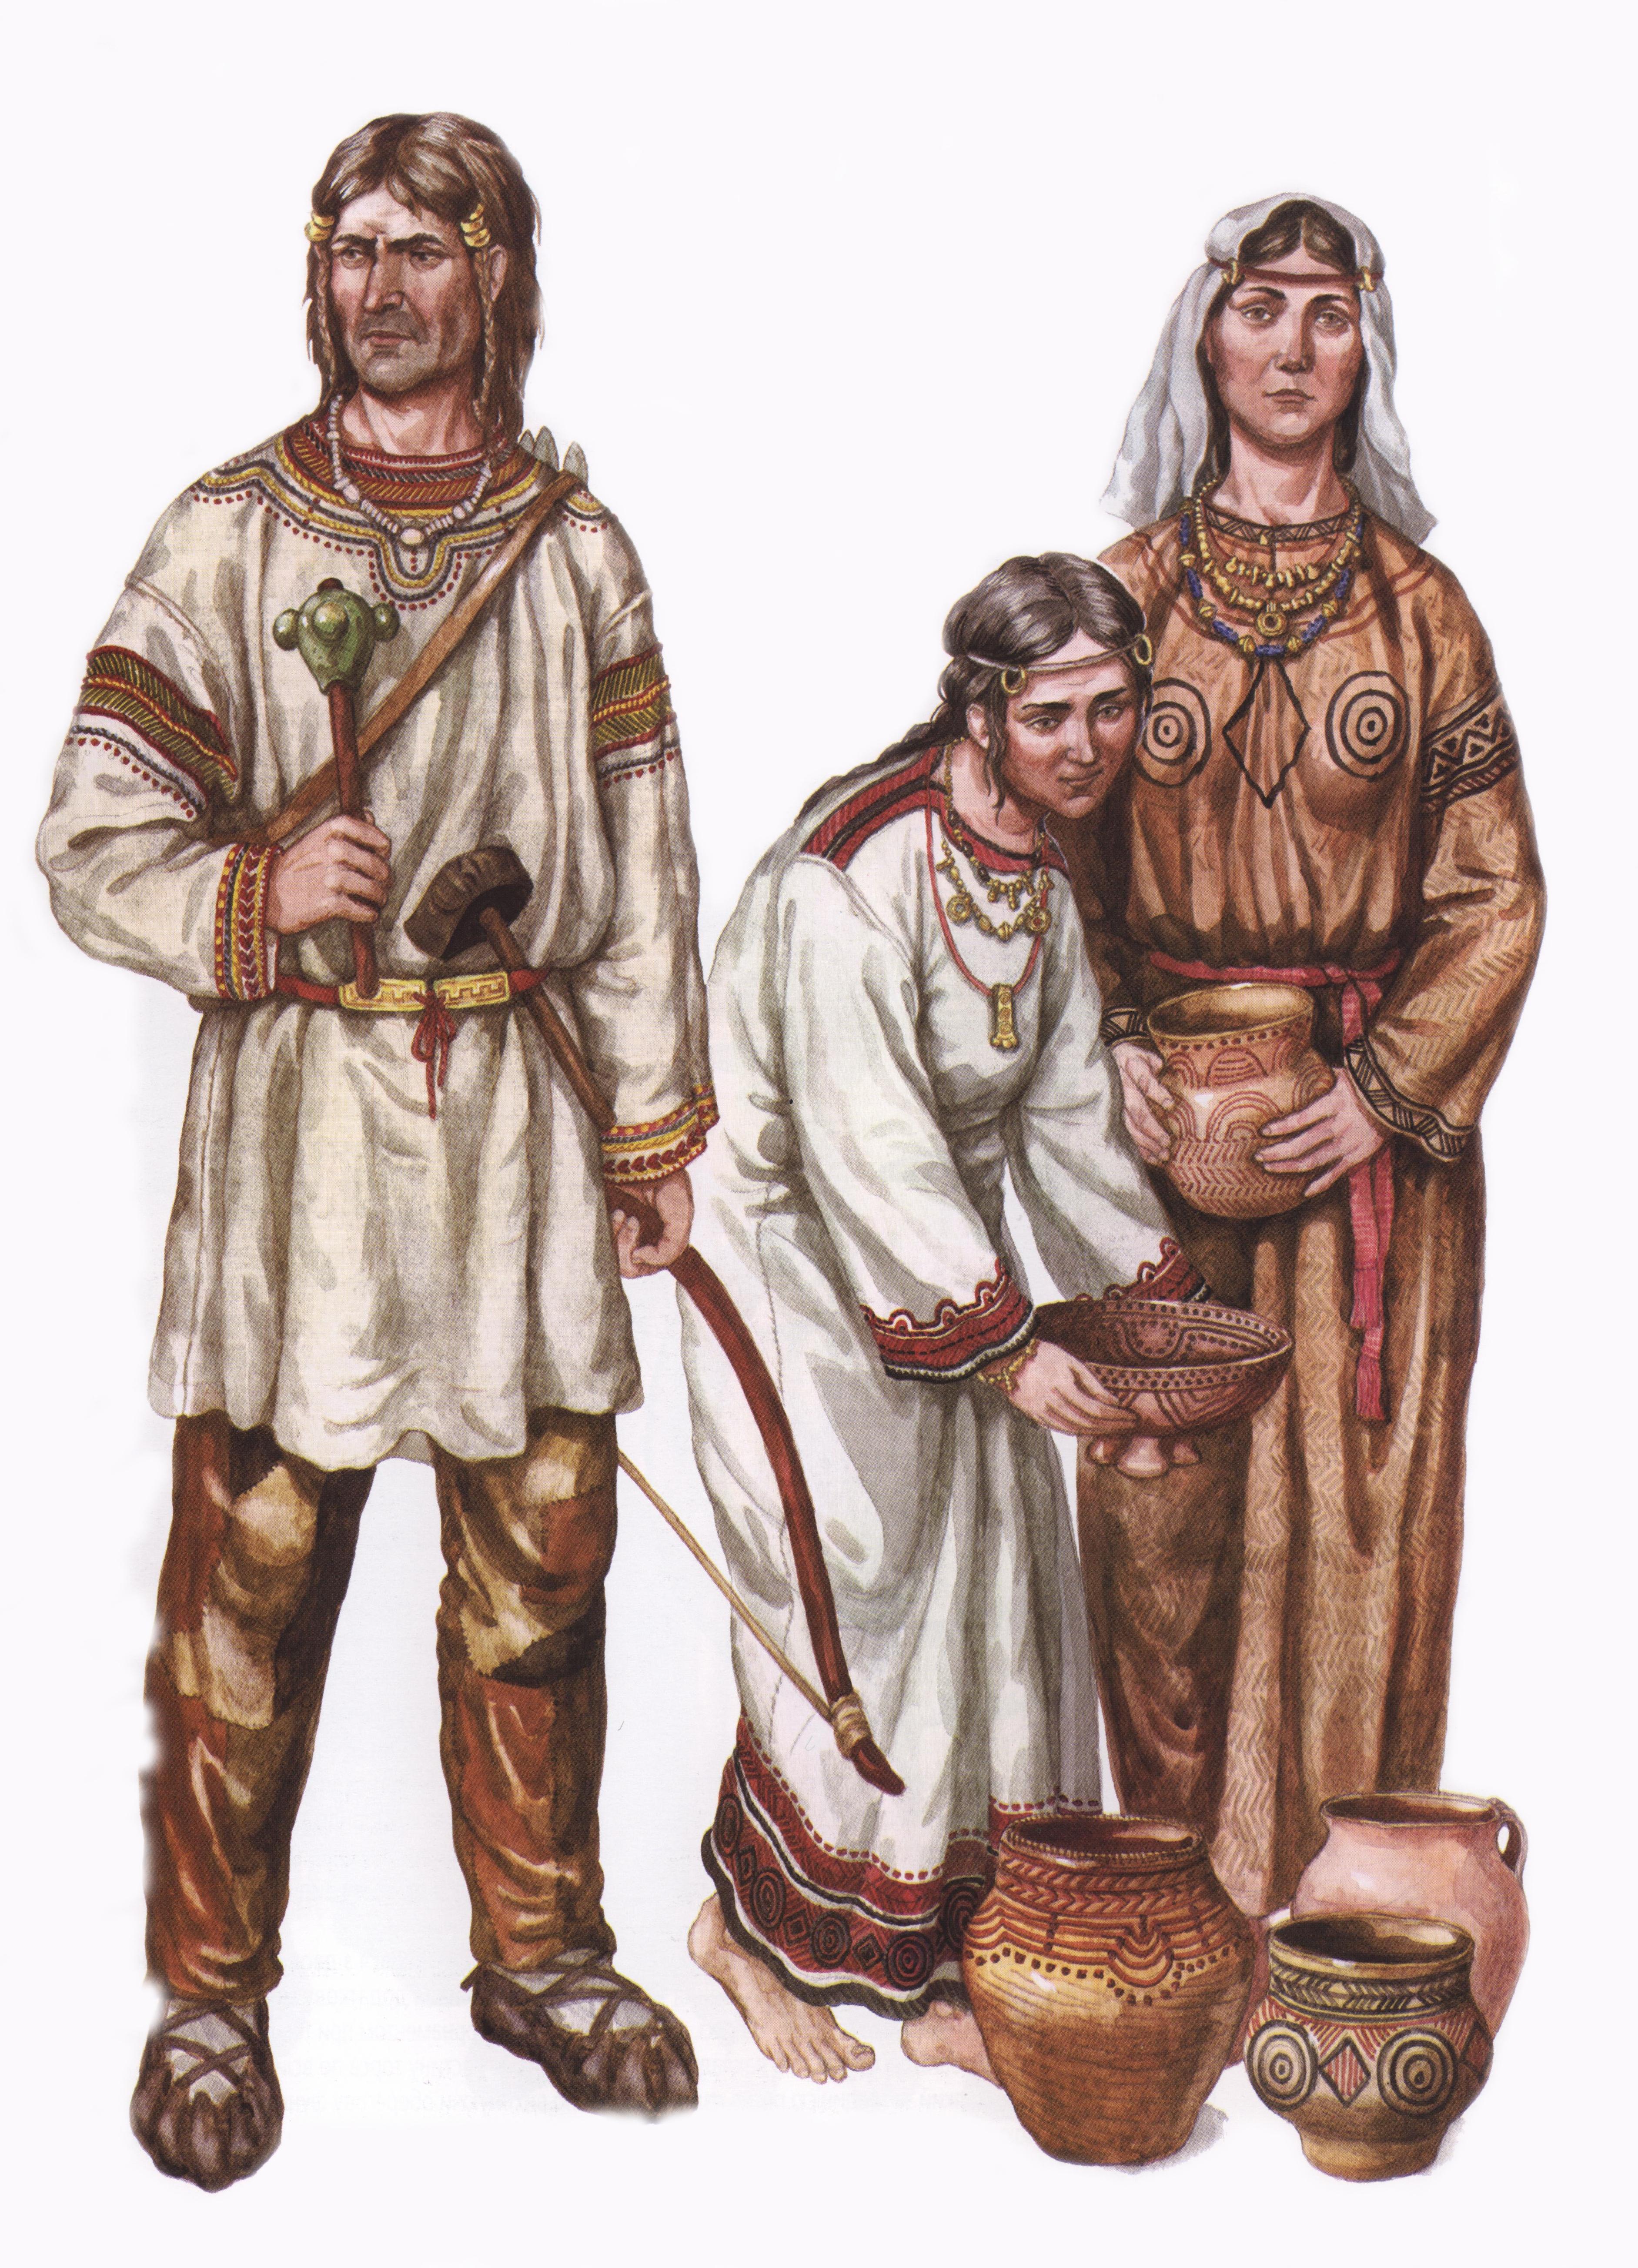 разместилась центре одежда жителей древней руси фото подборка